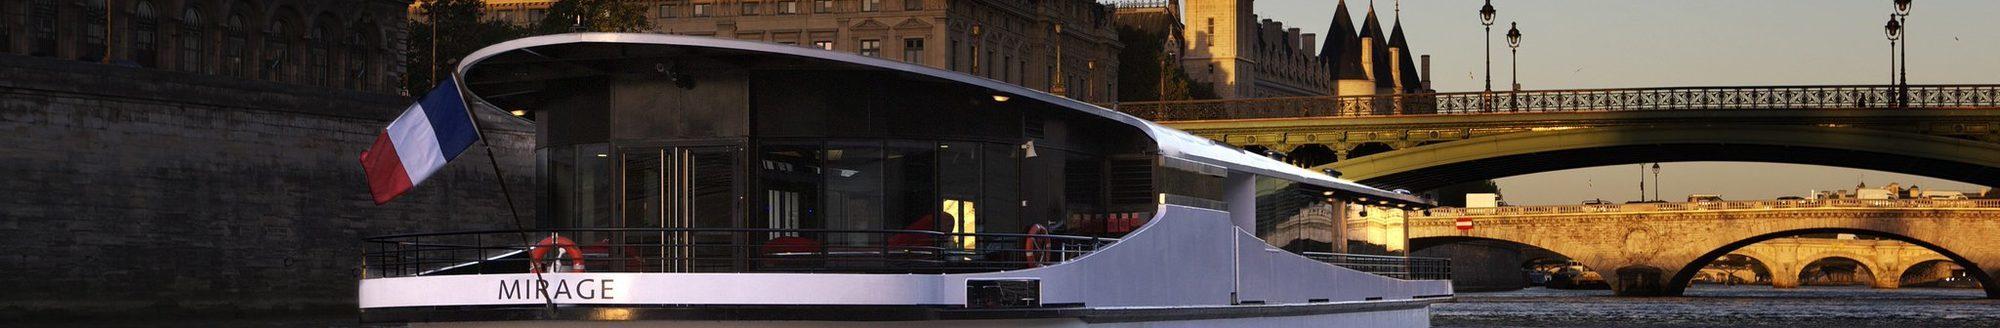 Yachts de Paris - New Year's Eve 2020